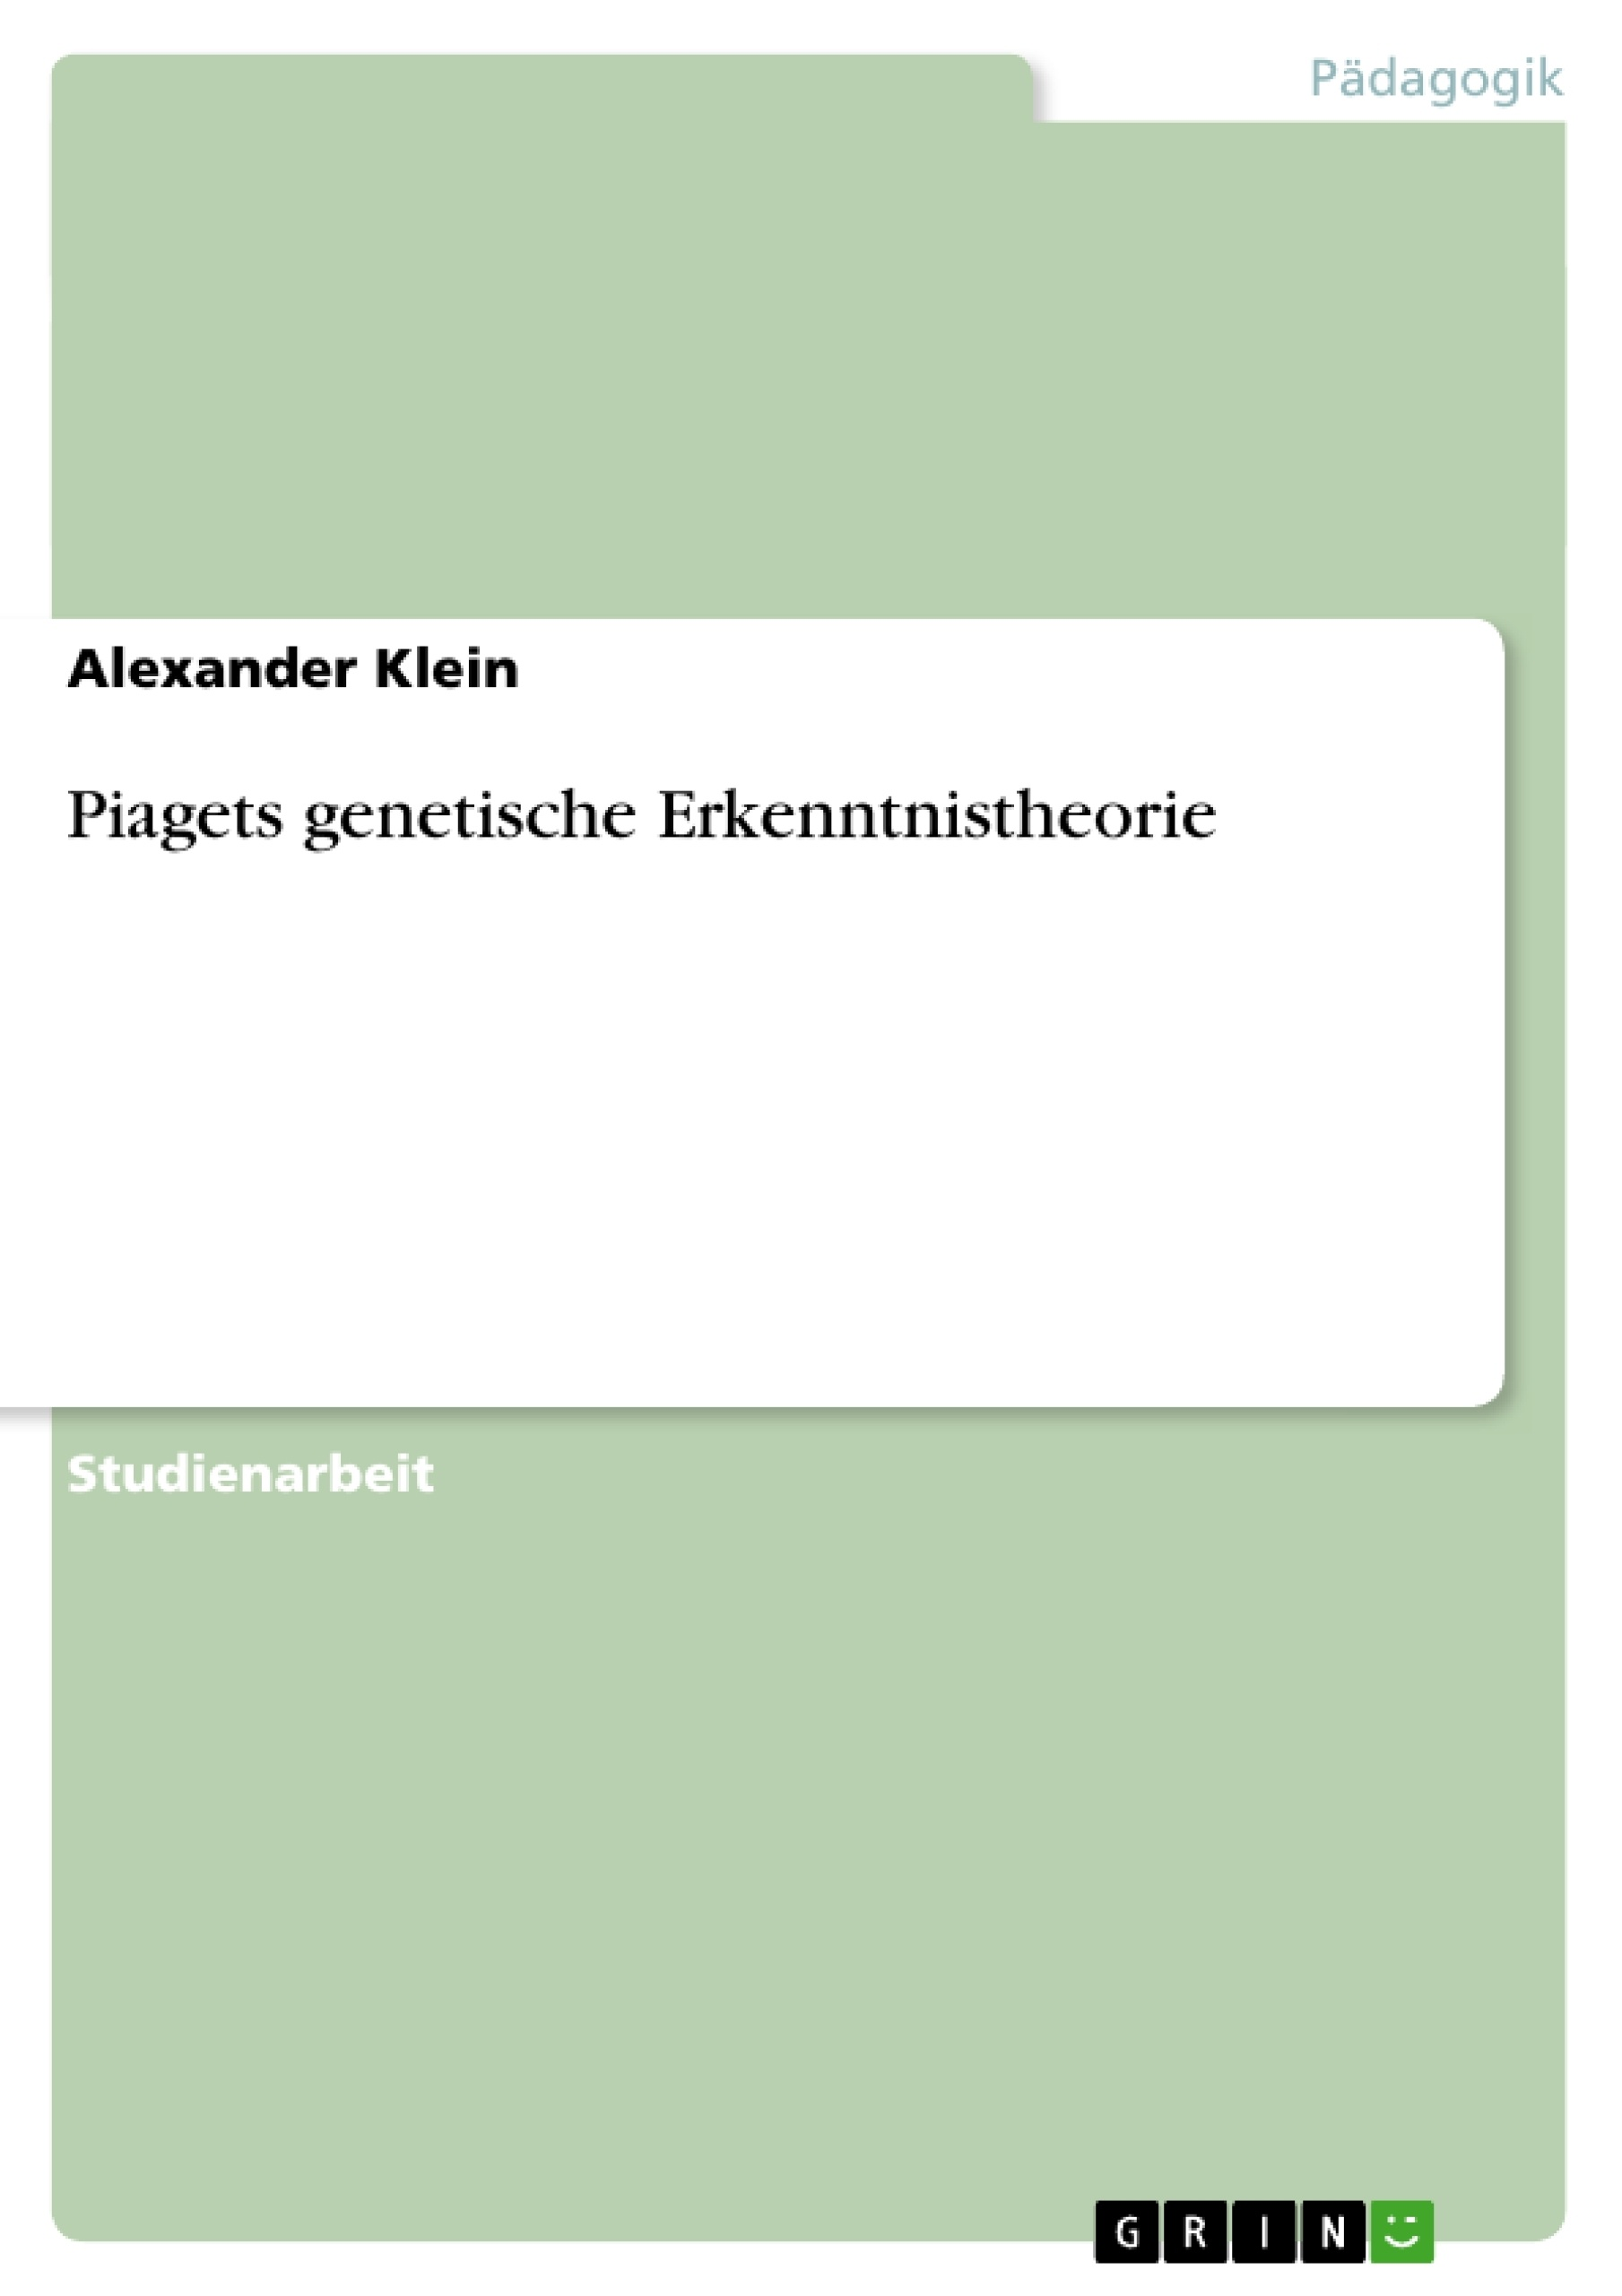 Titel: Piagets genetische Erkenntnistheorie